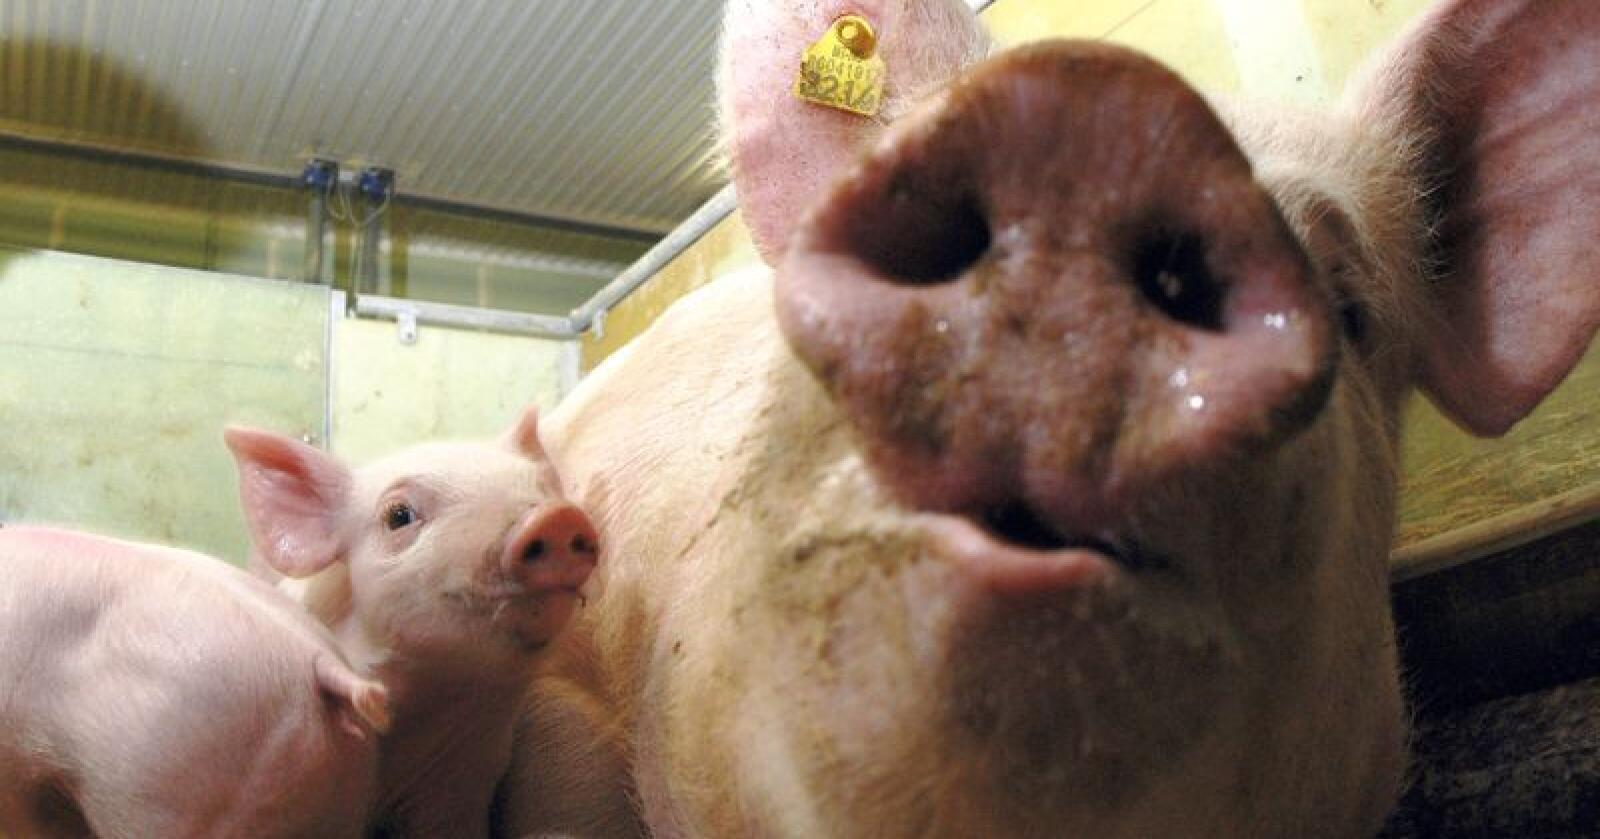 Torsdag er det duket for en ny film om svineindustrien - denne gang om ulike forhold som er tillatt. (Arkivfoto: Bondebladet)